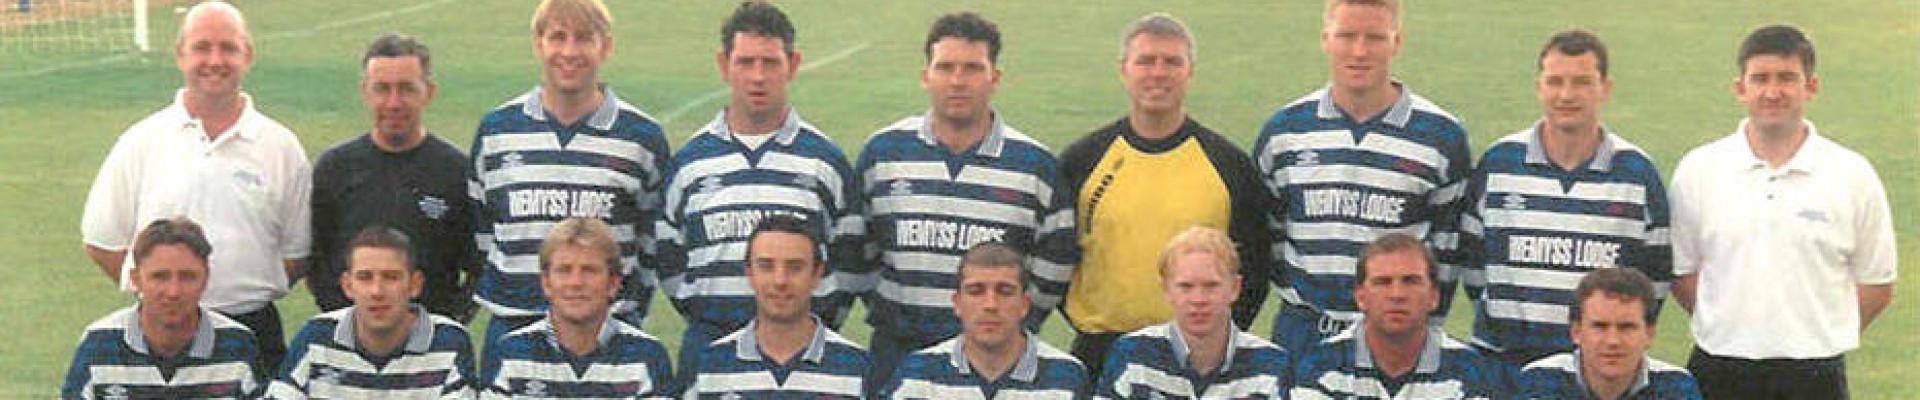 League Table 1998/99 Season